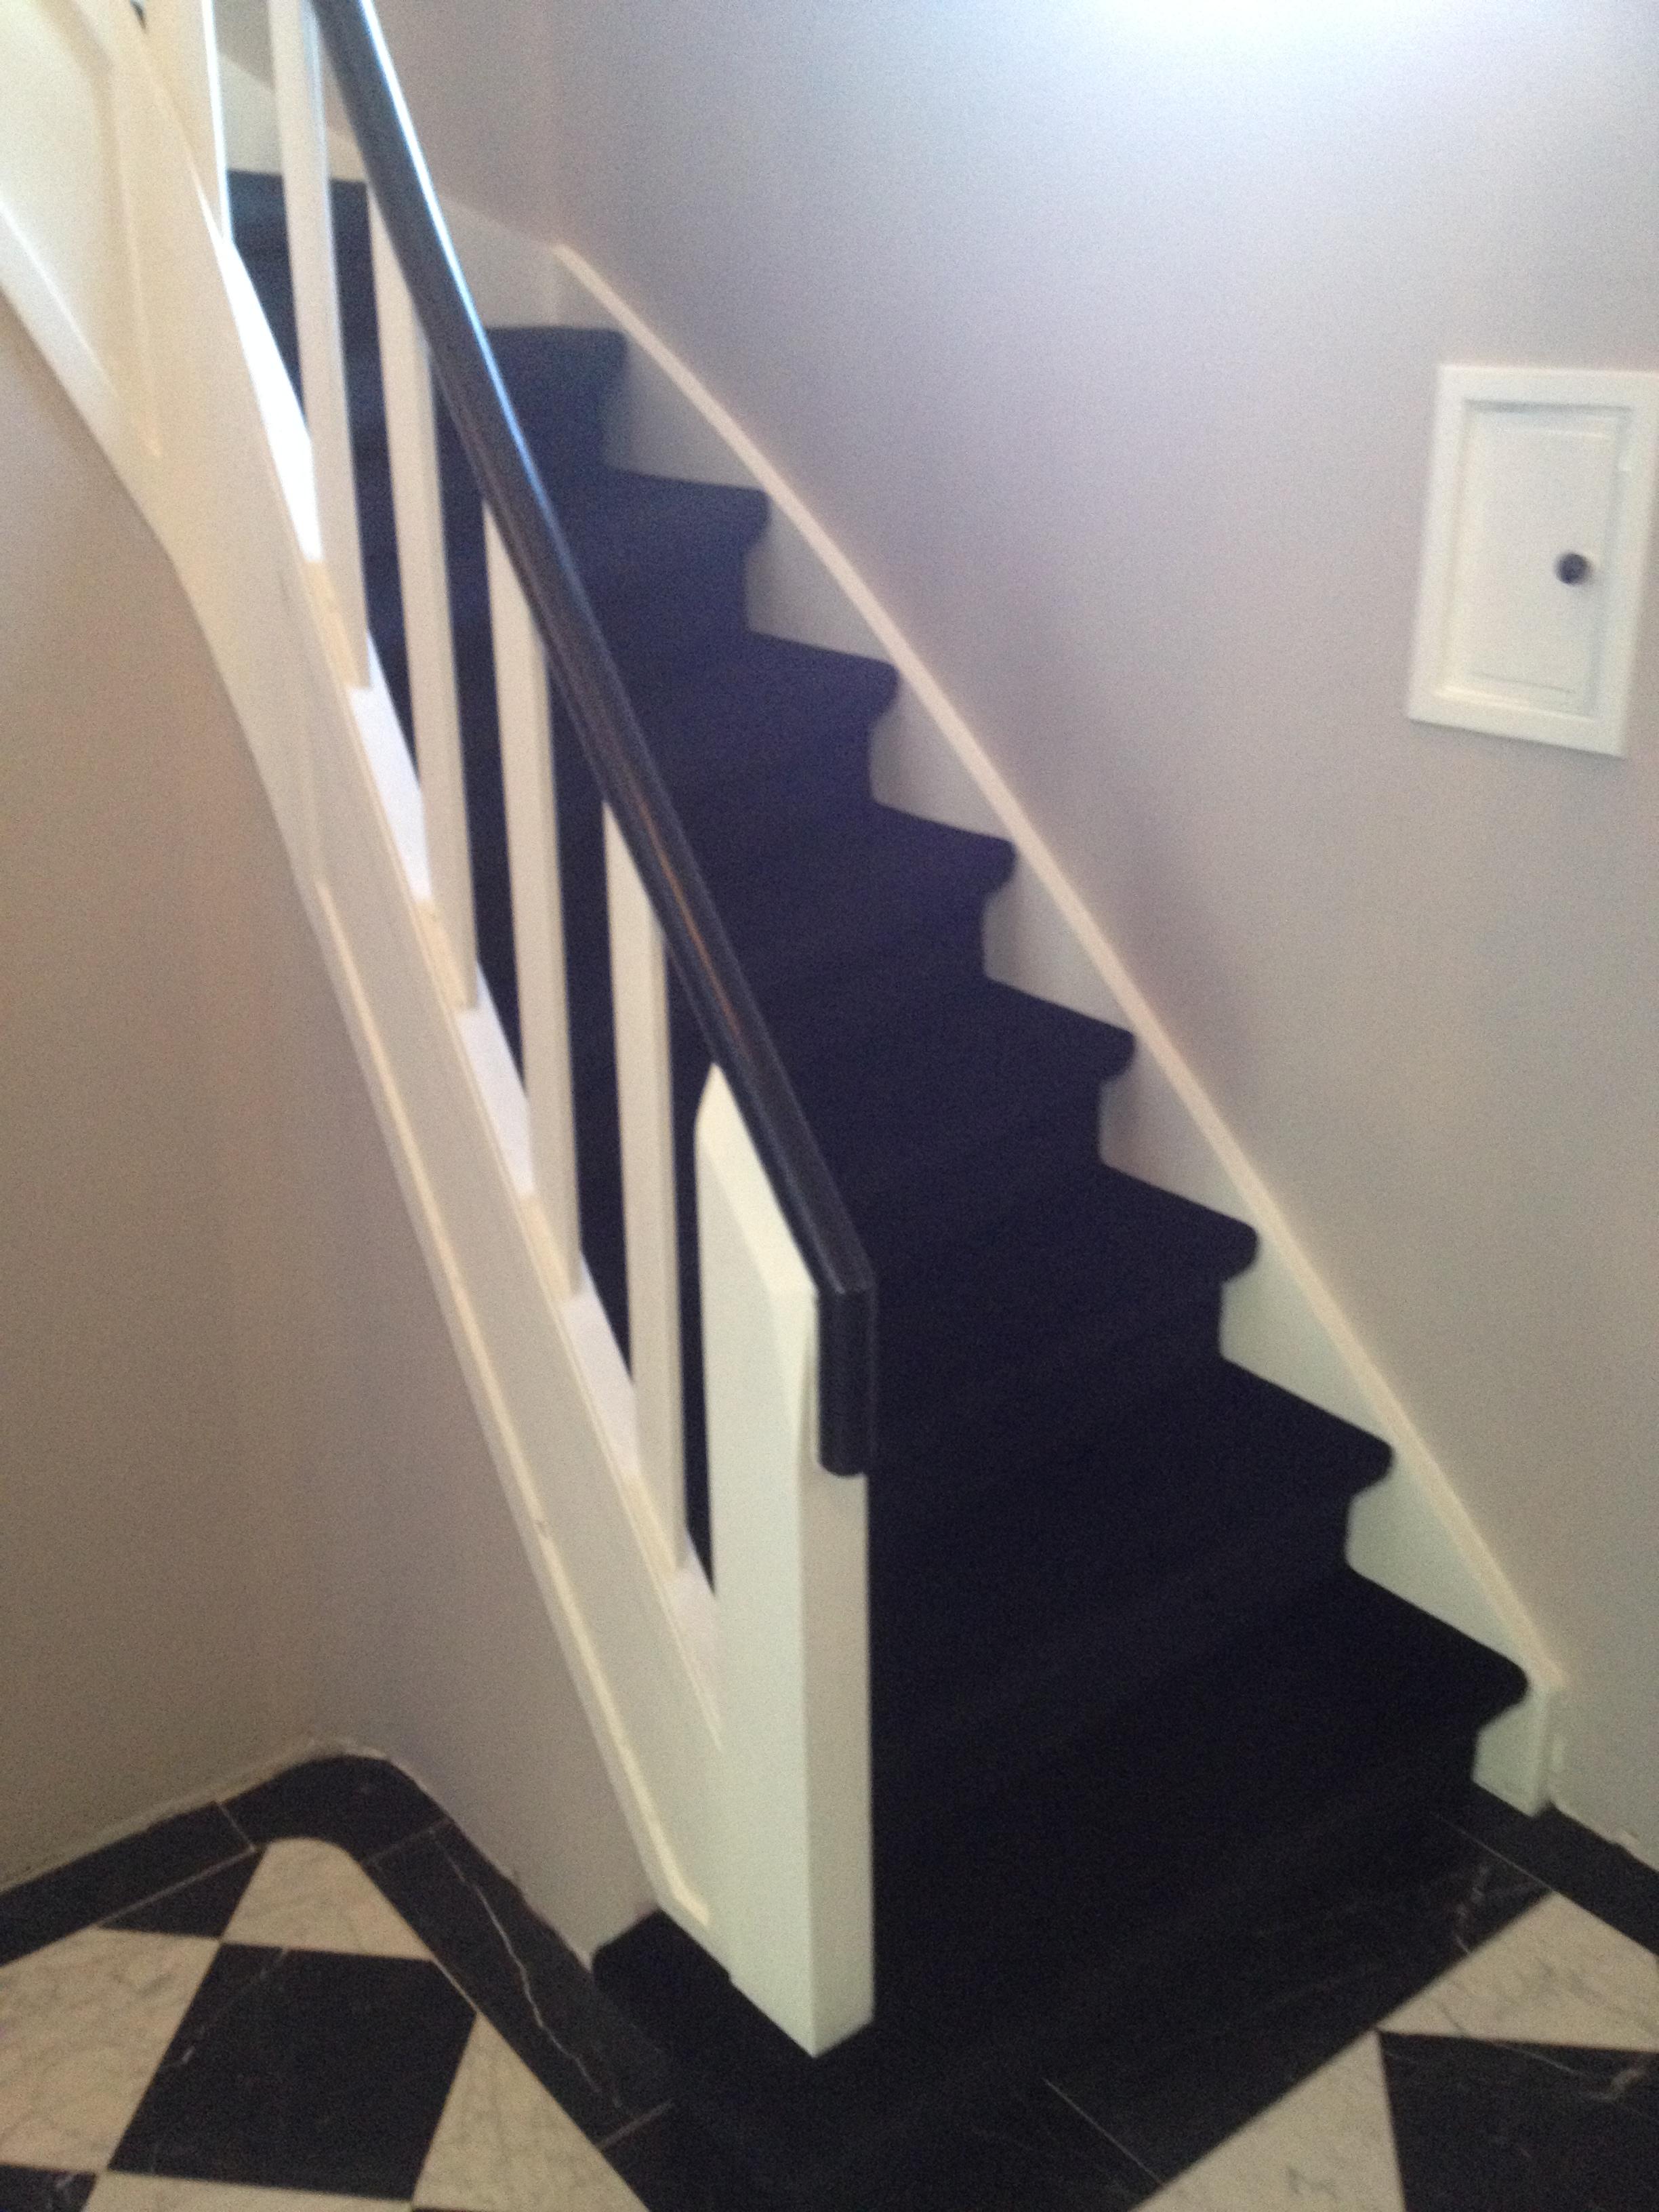 Nieuw vinyl vloer zwart wit badkamermeubels ontwerpen 2017 - Trap ontwerpen ...